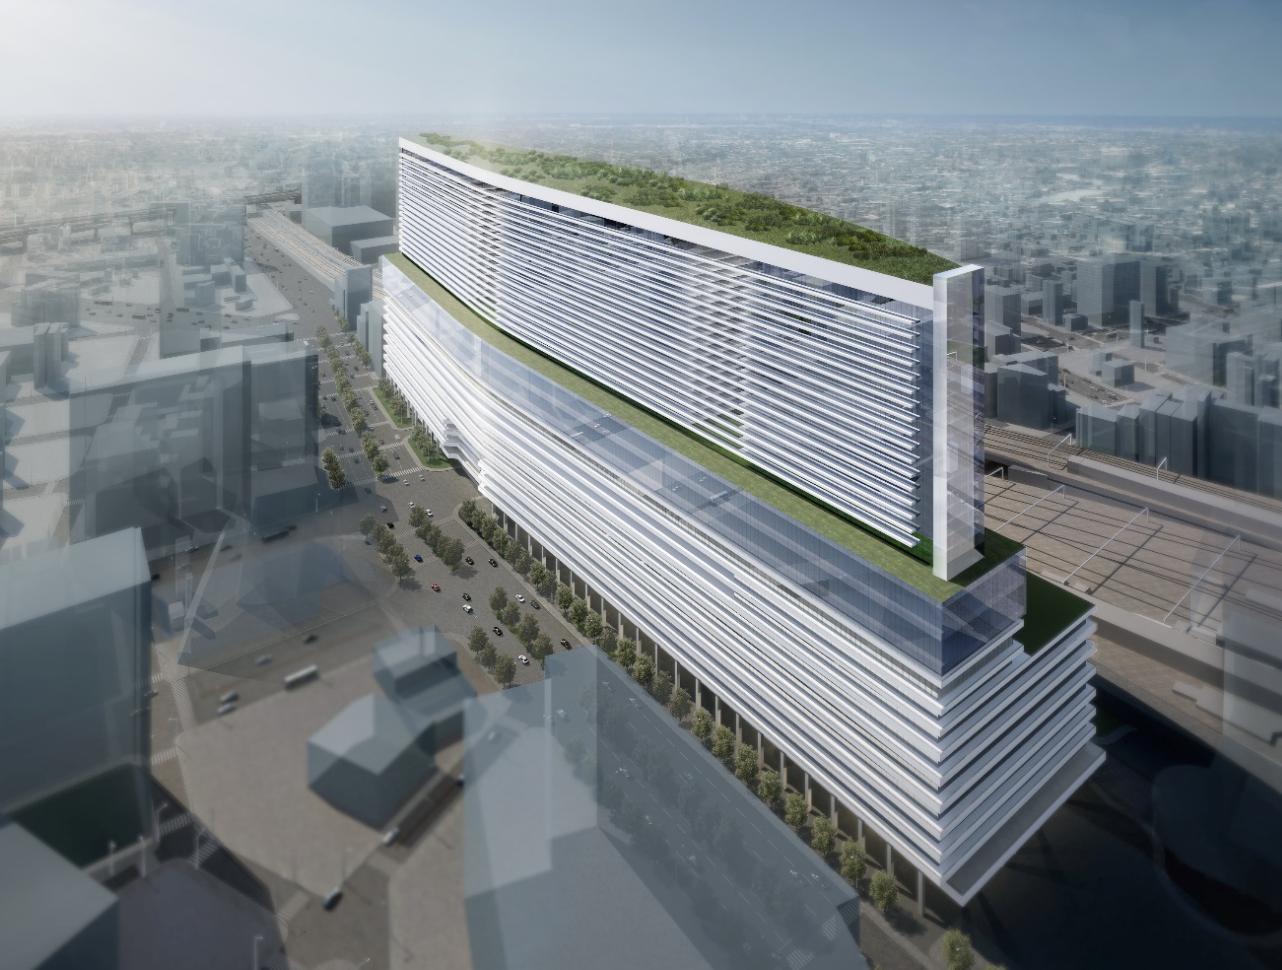 名鉄名古屋駅地区の再開発で新ビル誕生!南北400メートルを誇る横長施設 - 567a8365a6cadaf193a9112e5aef8333